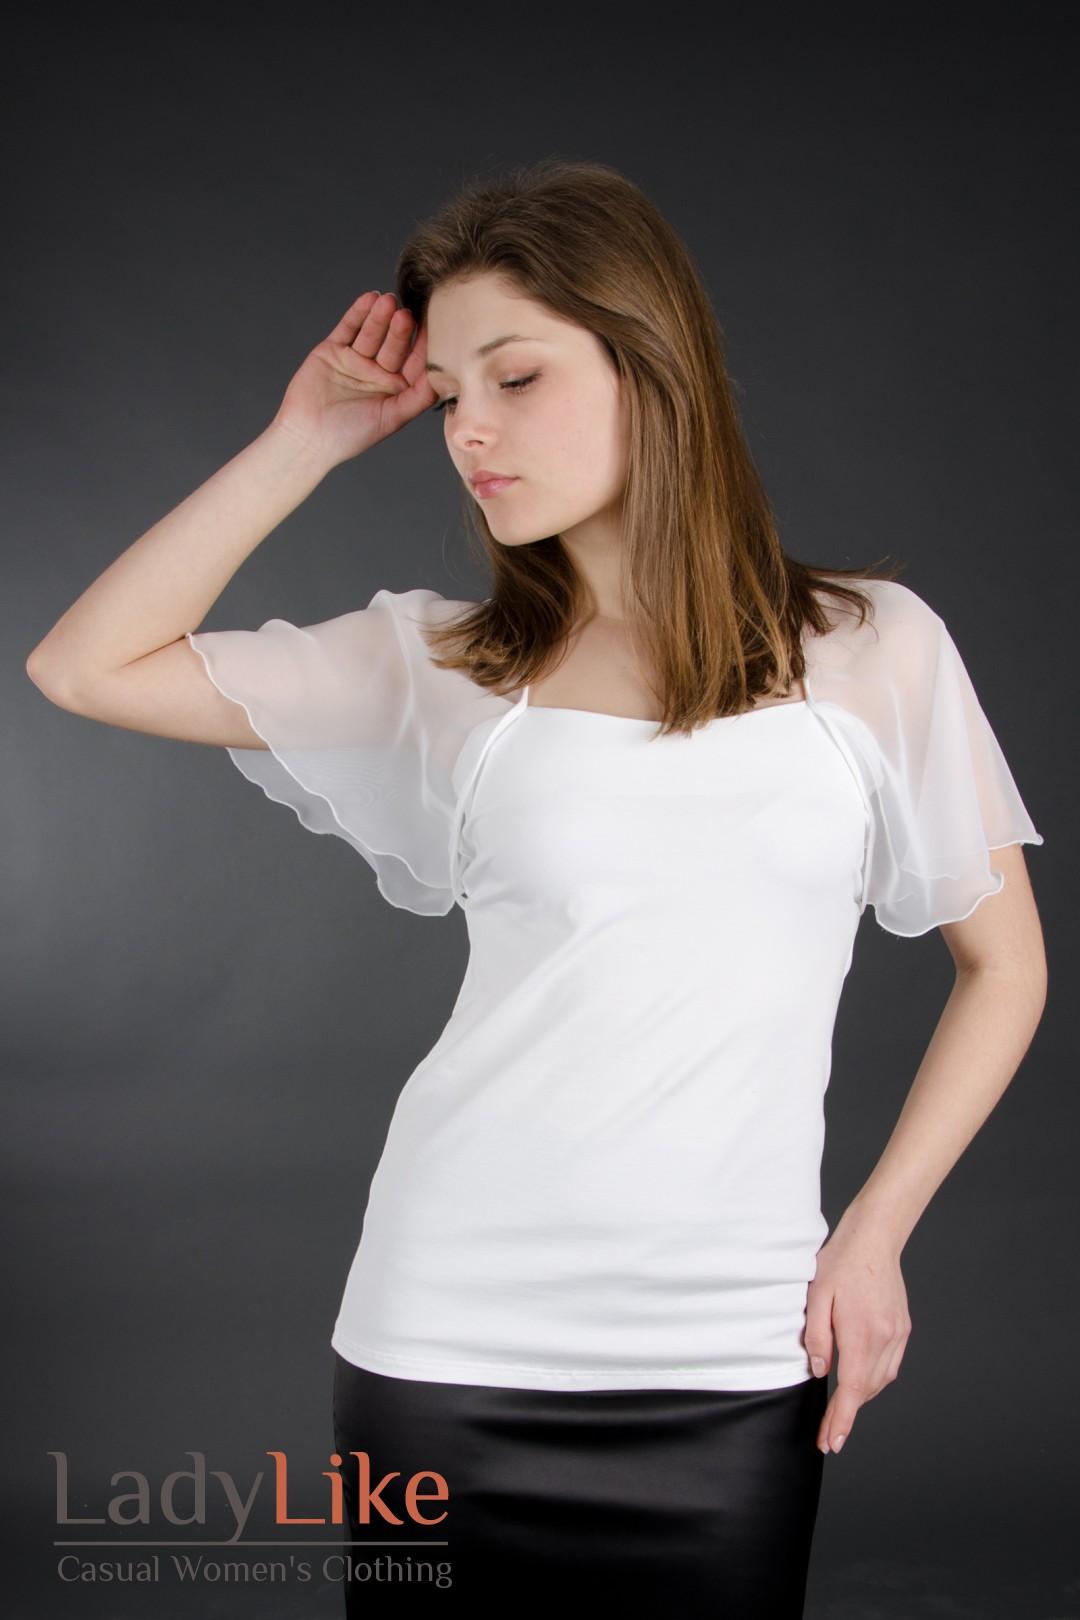 Купить Блузку С Коротким Рукавом В Санкт Петербурге